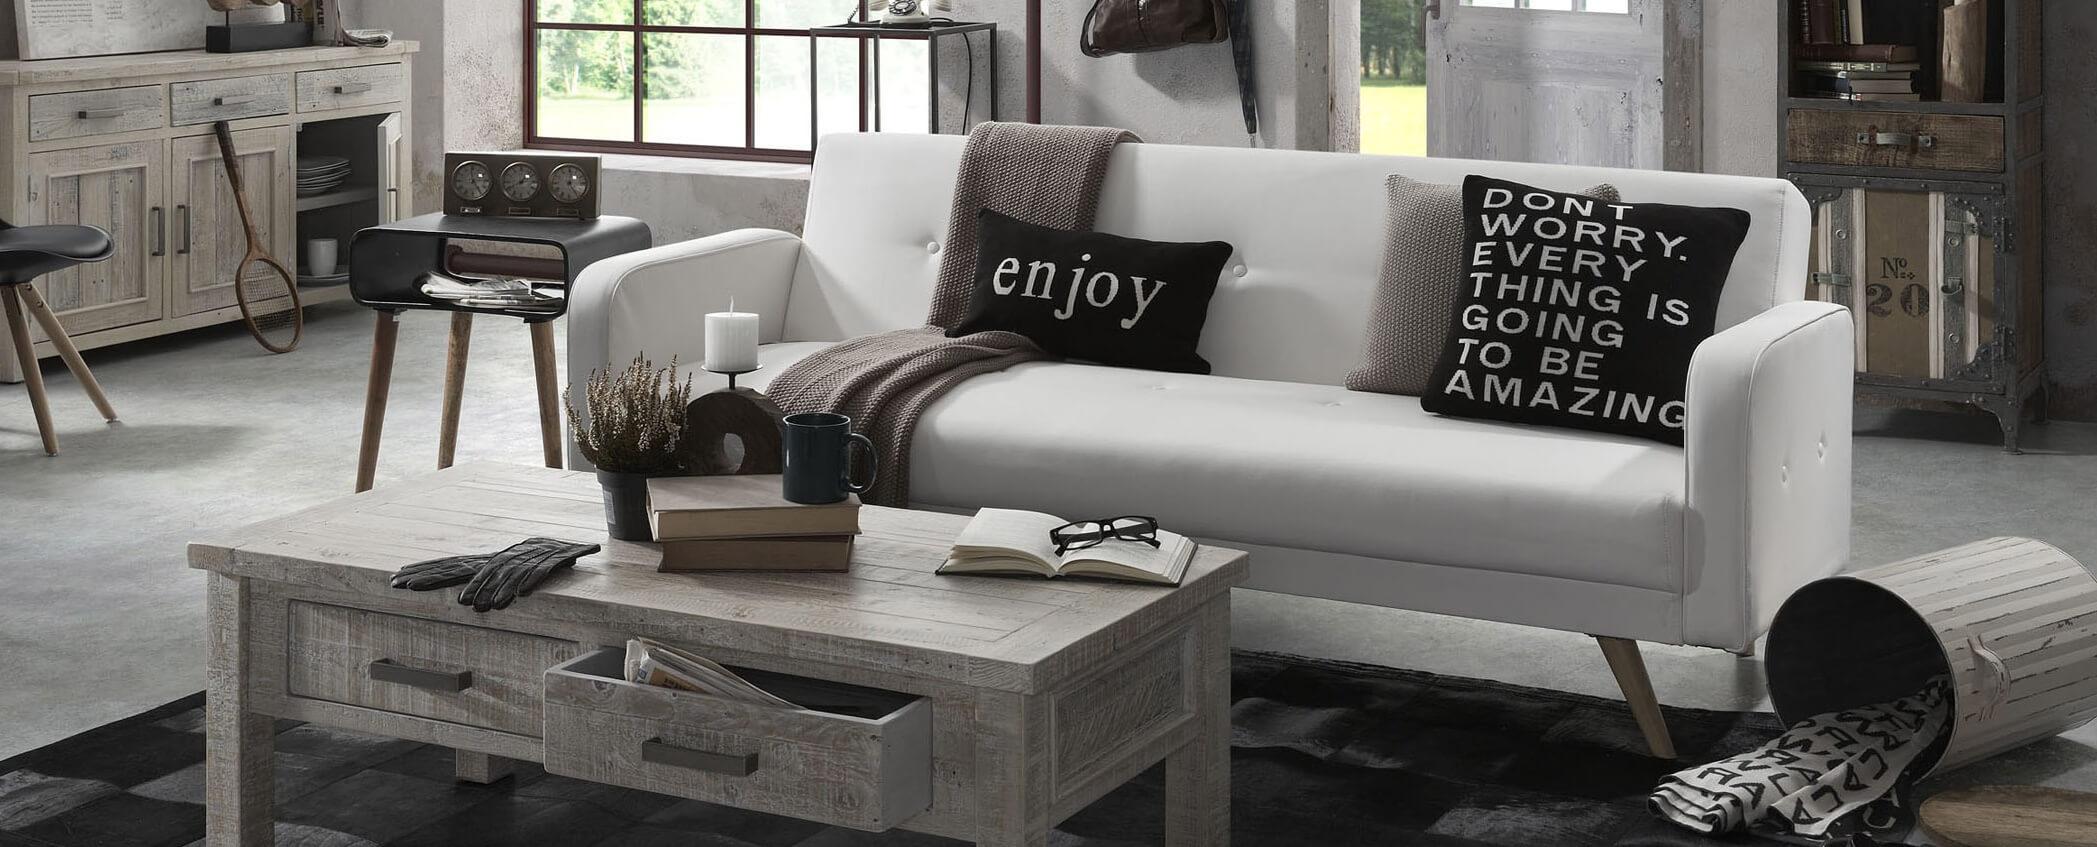 Sofás cama Minimalista Moderno